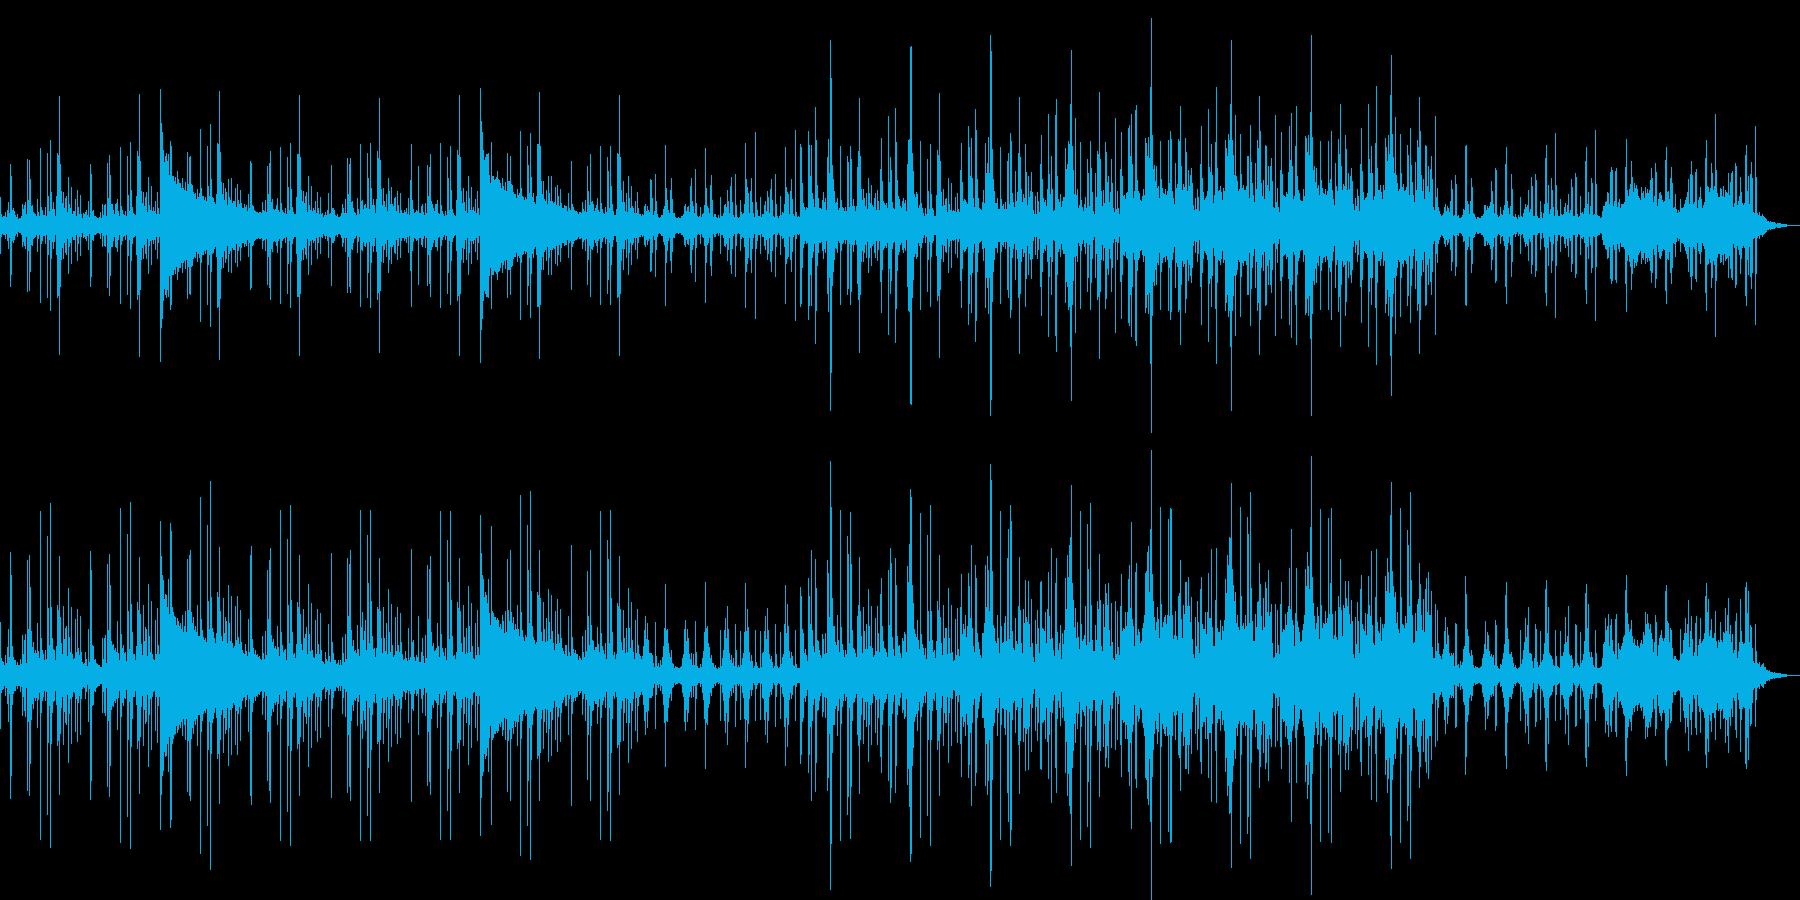 山奥のお寺をイメージしたBGMの再生済みの波形